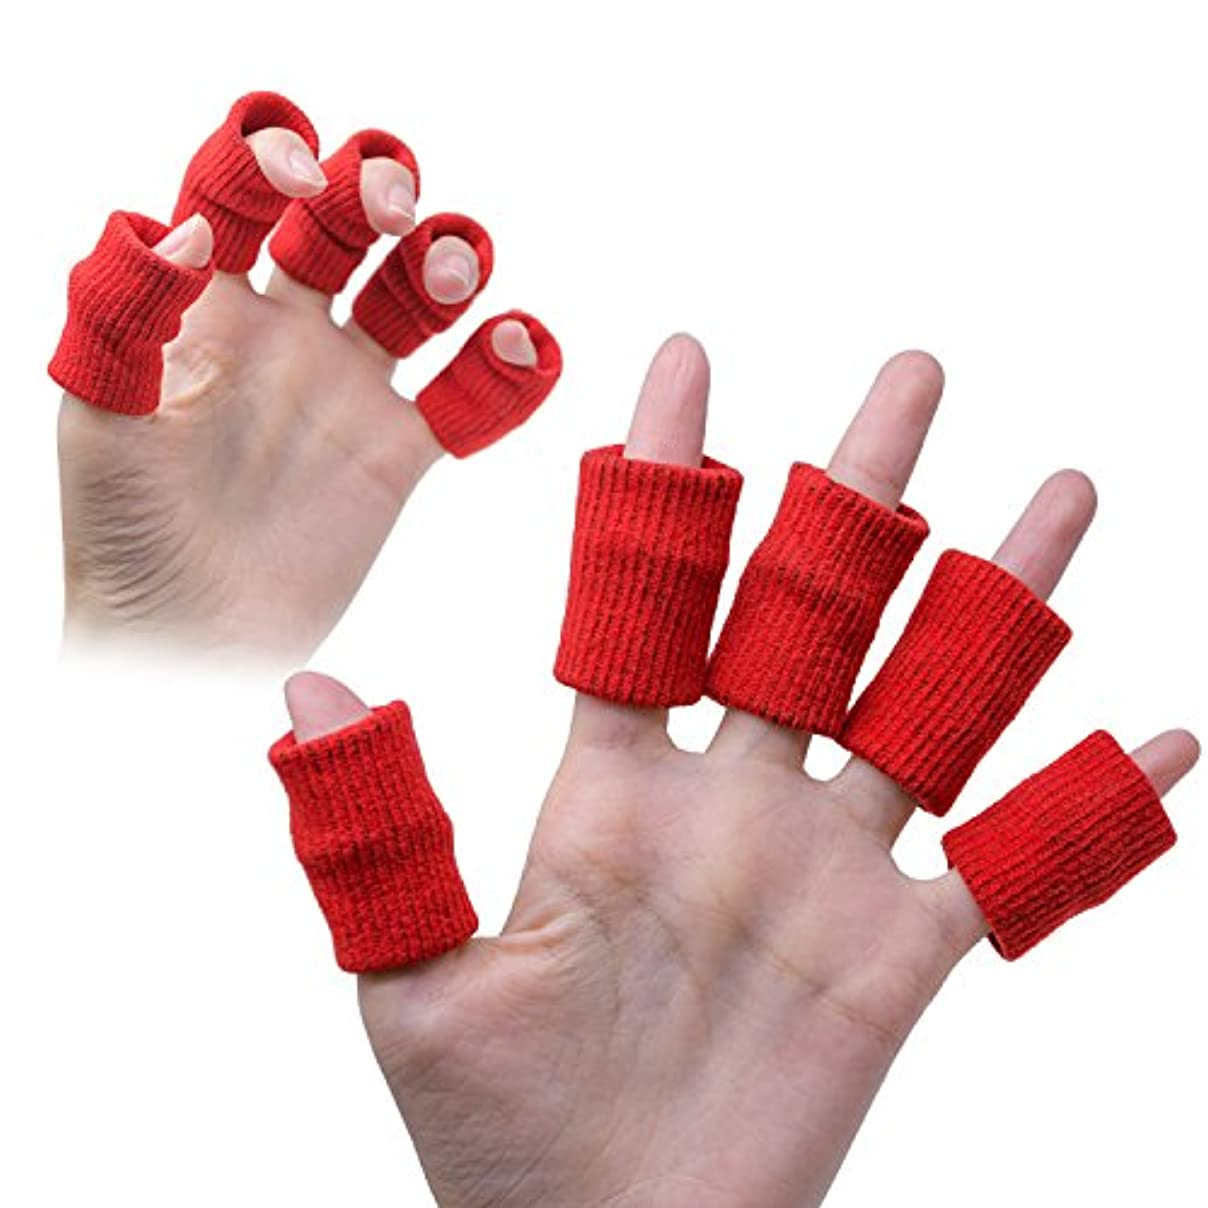 統計レイプ些細なSumifun 親指プロテクター 足指チューブ ? ゲルプロテクター ケア指スリーブ&指先保護は関節炎、硬さ、痛みを緩和する